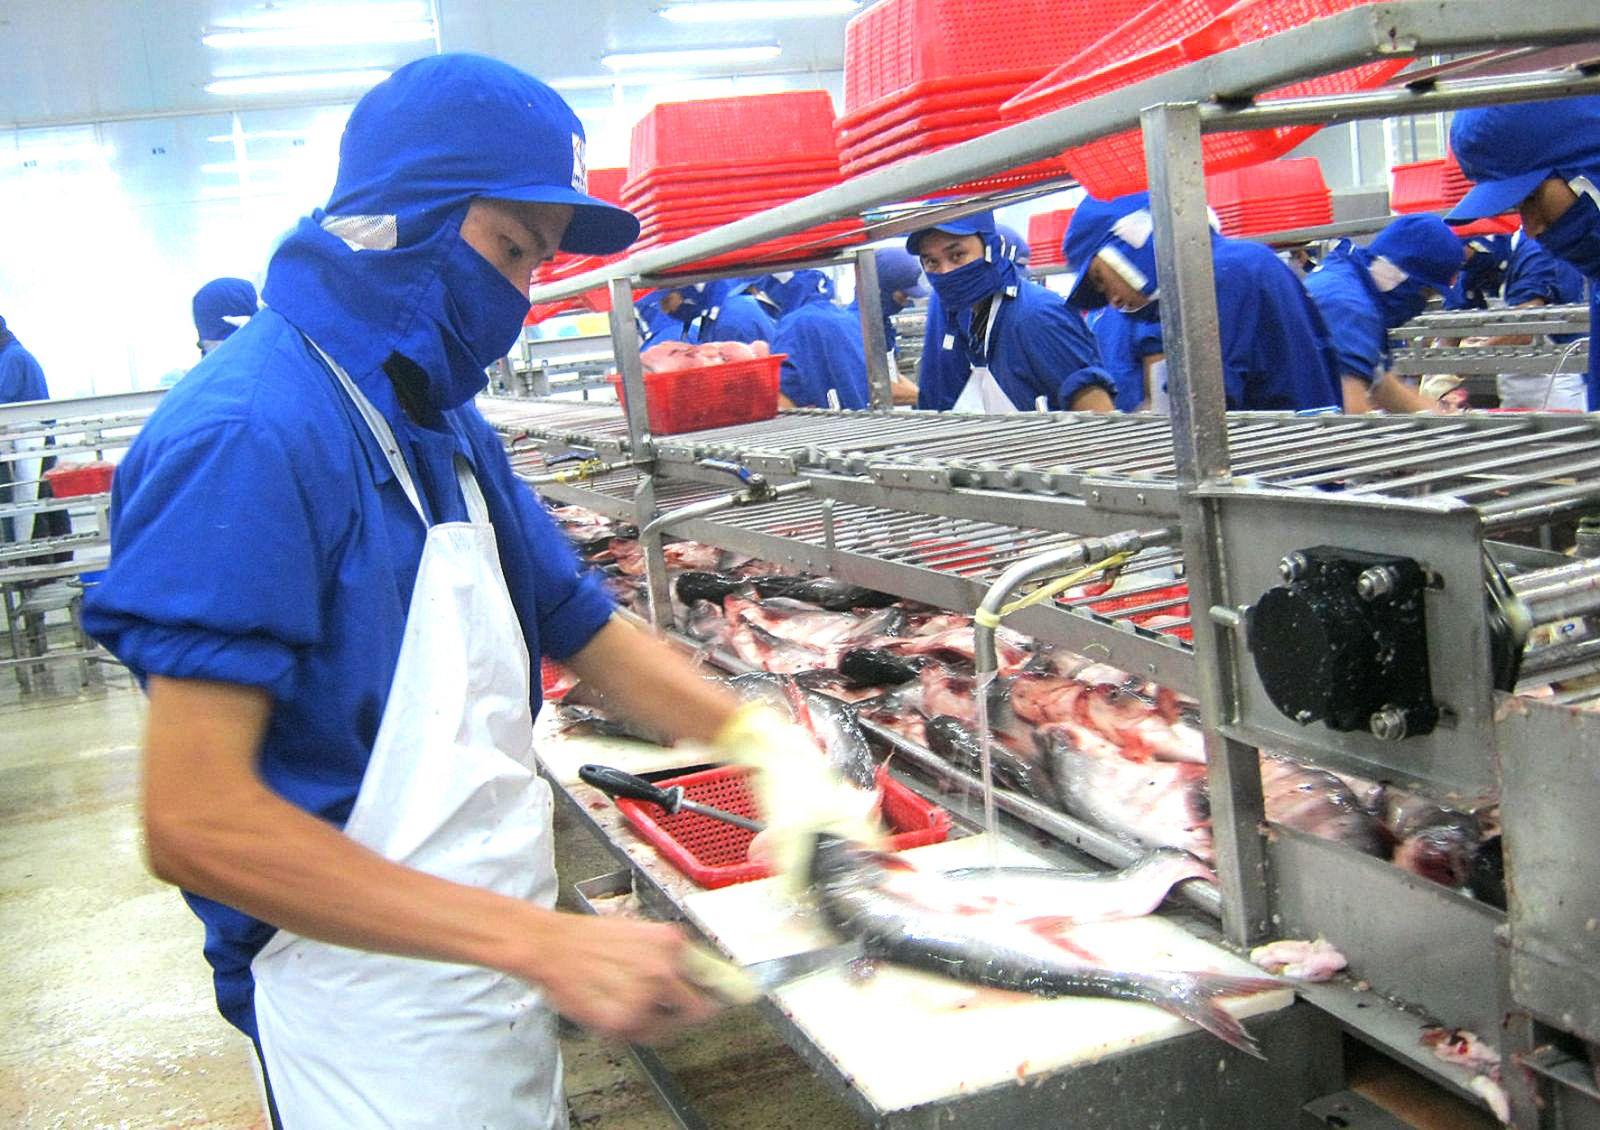 Ngành hàng cá tra là một trong những ưu tiên tín dụng của ngân hàng (Chế biến cá tra xuất khẩu tại Công ty TNHH Công nghiệp thủy sản Miền Nam). Ảnh: MINH HUYỀN